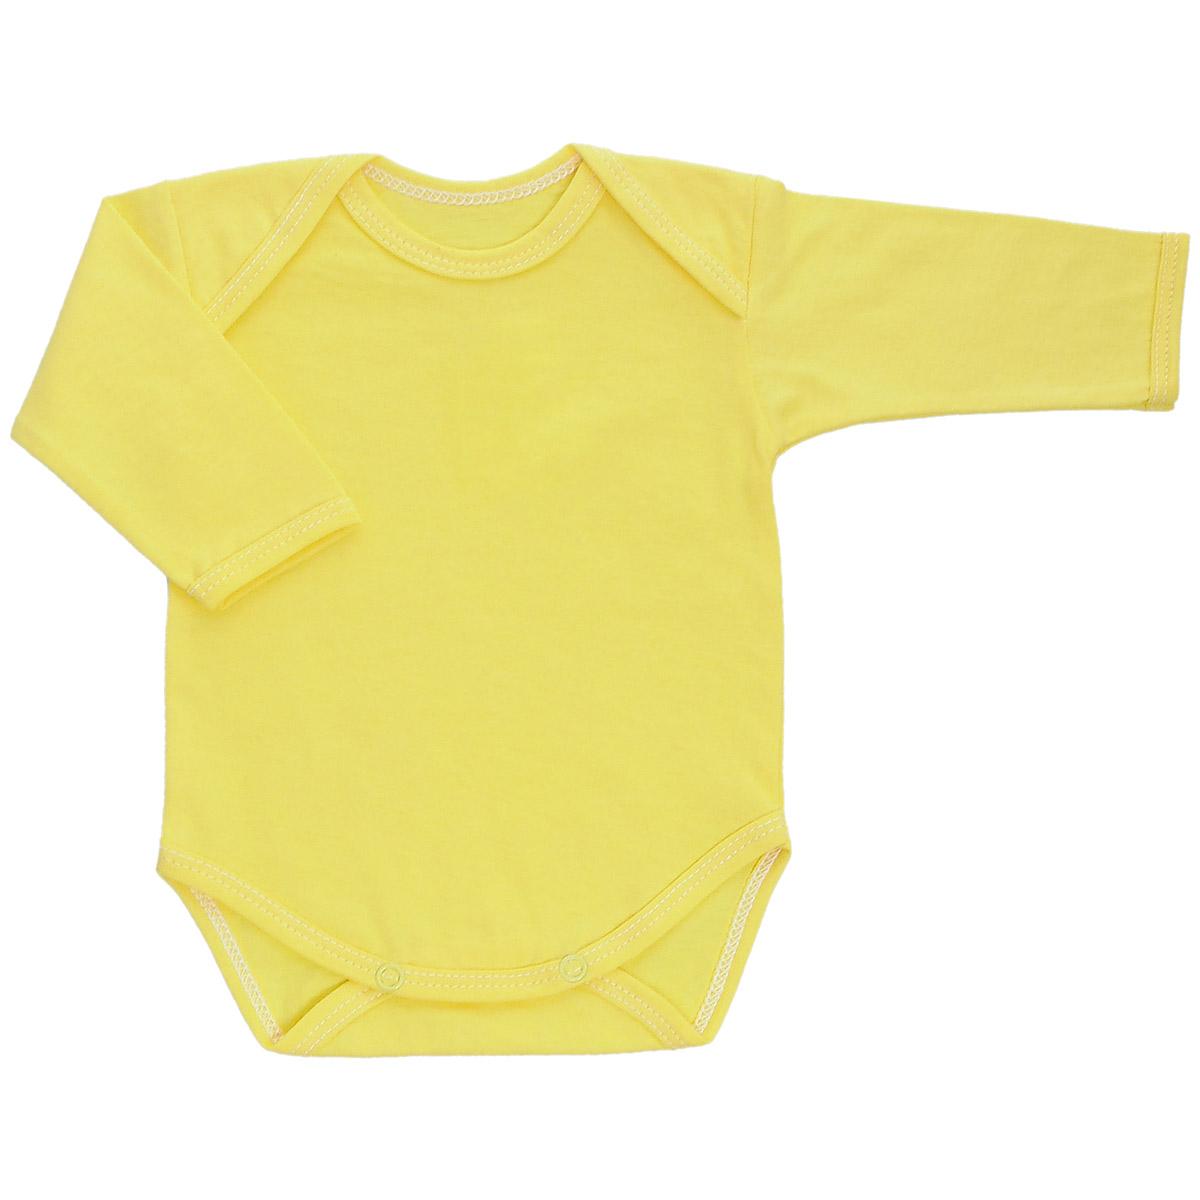 Боди детское Трон-Плюс, цвет: желтый. 5861. Размер 62, 3 месяца5861Детское боди Трон-плюс с длинными рукавами послужит идеальным дополнением к гардеробу вашего ребенка, обеспечивая ему наибольший комфорт. Боди изготовлено из кулирного полотна -натурального хлопка, благодаря чему оно необычайно мягкое и легкое, не раздражает нежную кожу ребенка и хорошо вентилируется, а эластичные швы приятны телу младенца и не препятствуют его движениям. Удобные запахи на плечах и кнопки на ластовице помогают легко переодеть младенца или сменить подгузник. Боди полностью соответствует особенностям жизни ребенка в ранний период, не стесняя и не ограничивая его в движениях. В нем ваш ребенок всегда будет в центре внимания.